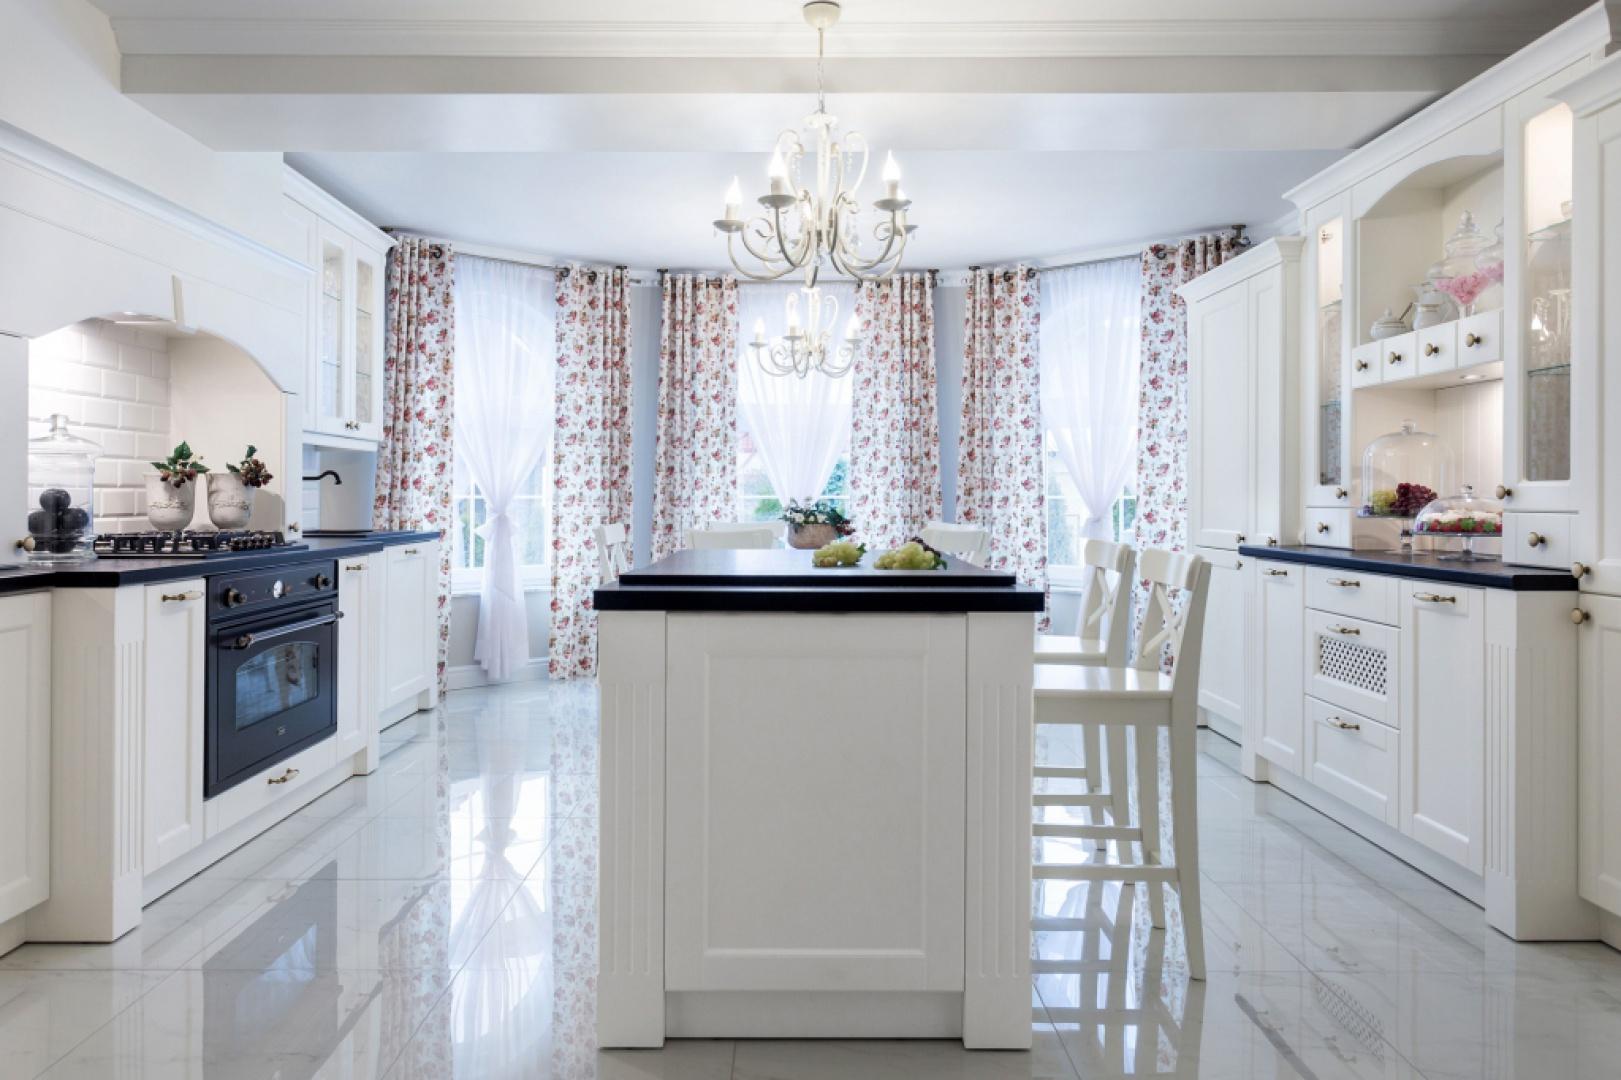 Białe kafle nad blatem, stylizowana forma zabudowy kuchennej, dekoracyjne, ażurowe panele w meblach oraz kwieciste tekstylia budują w tej kuchni rustykalną atmosferę. Projekt: Małgorzata Błaszczak. Fot. Pracownia Mebli Vigo